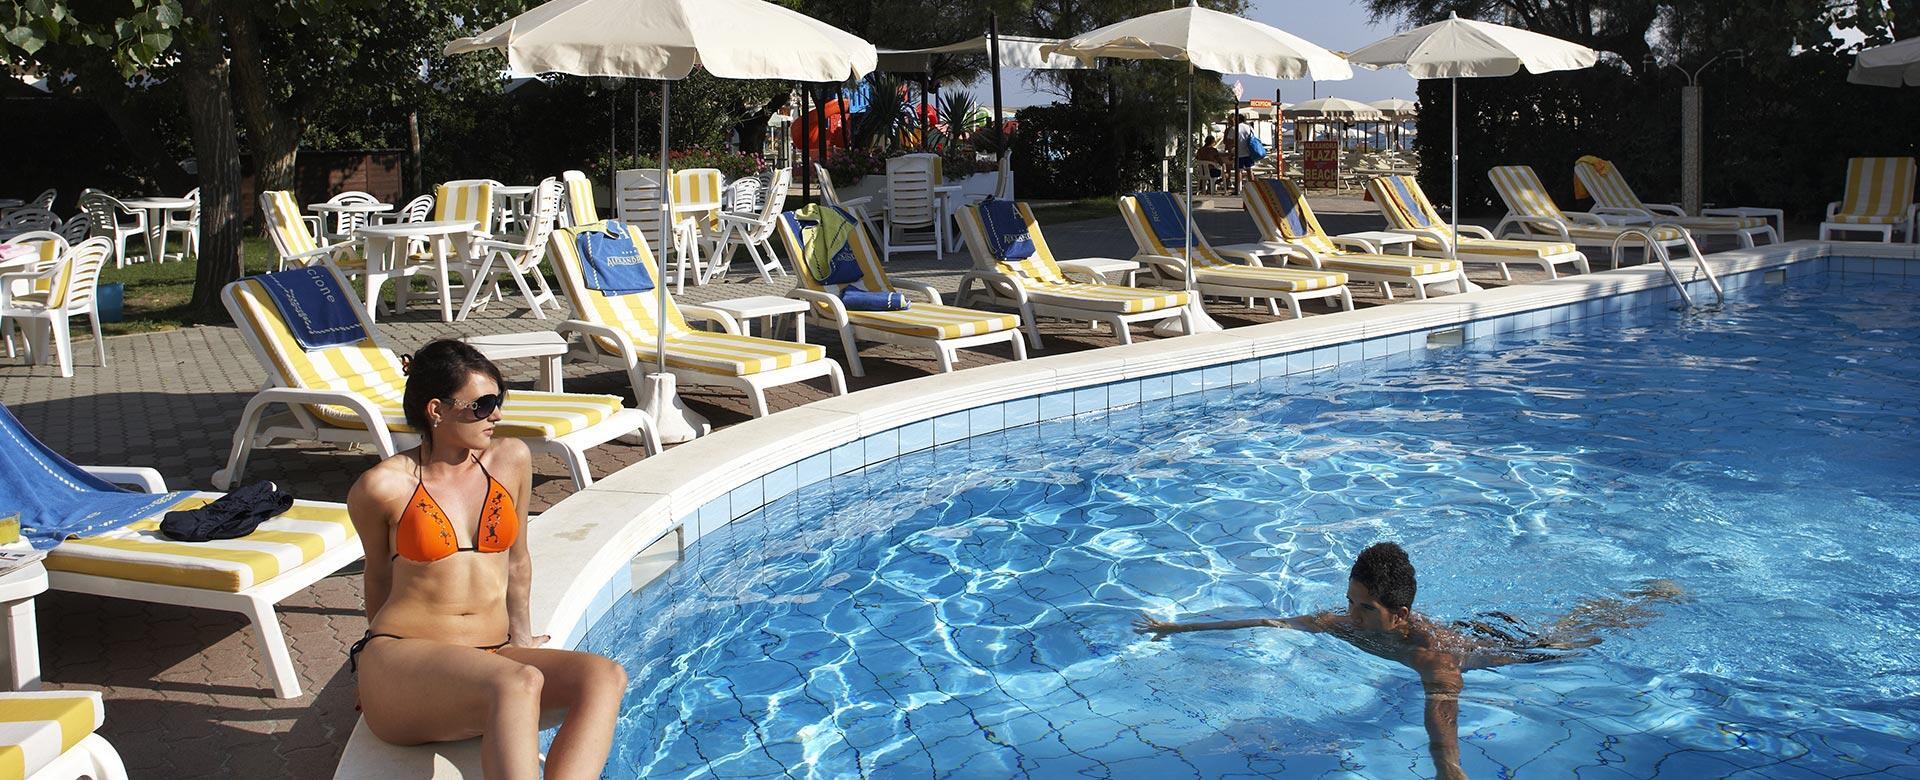 alexandraplaza it vacanze-sul-mare-riccione 003